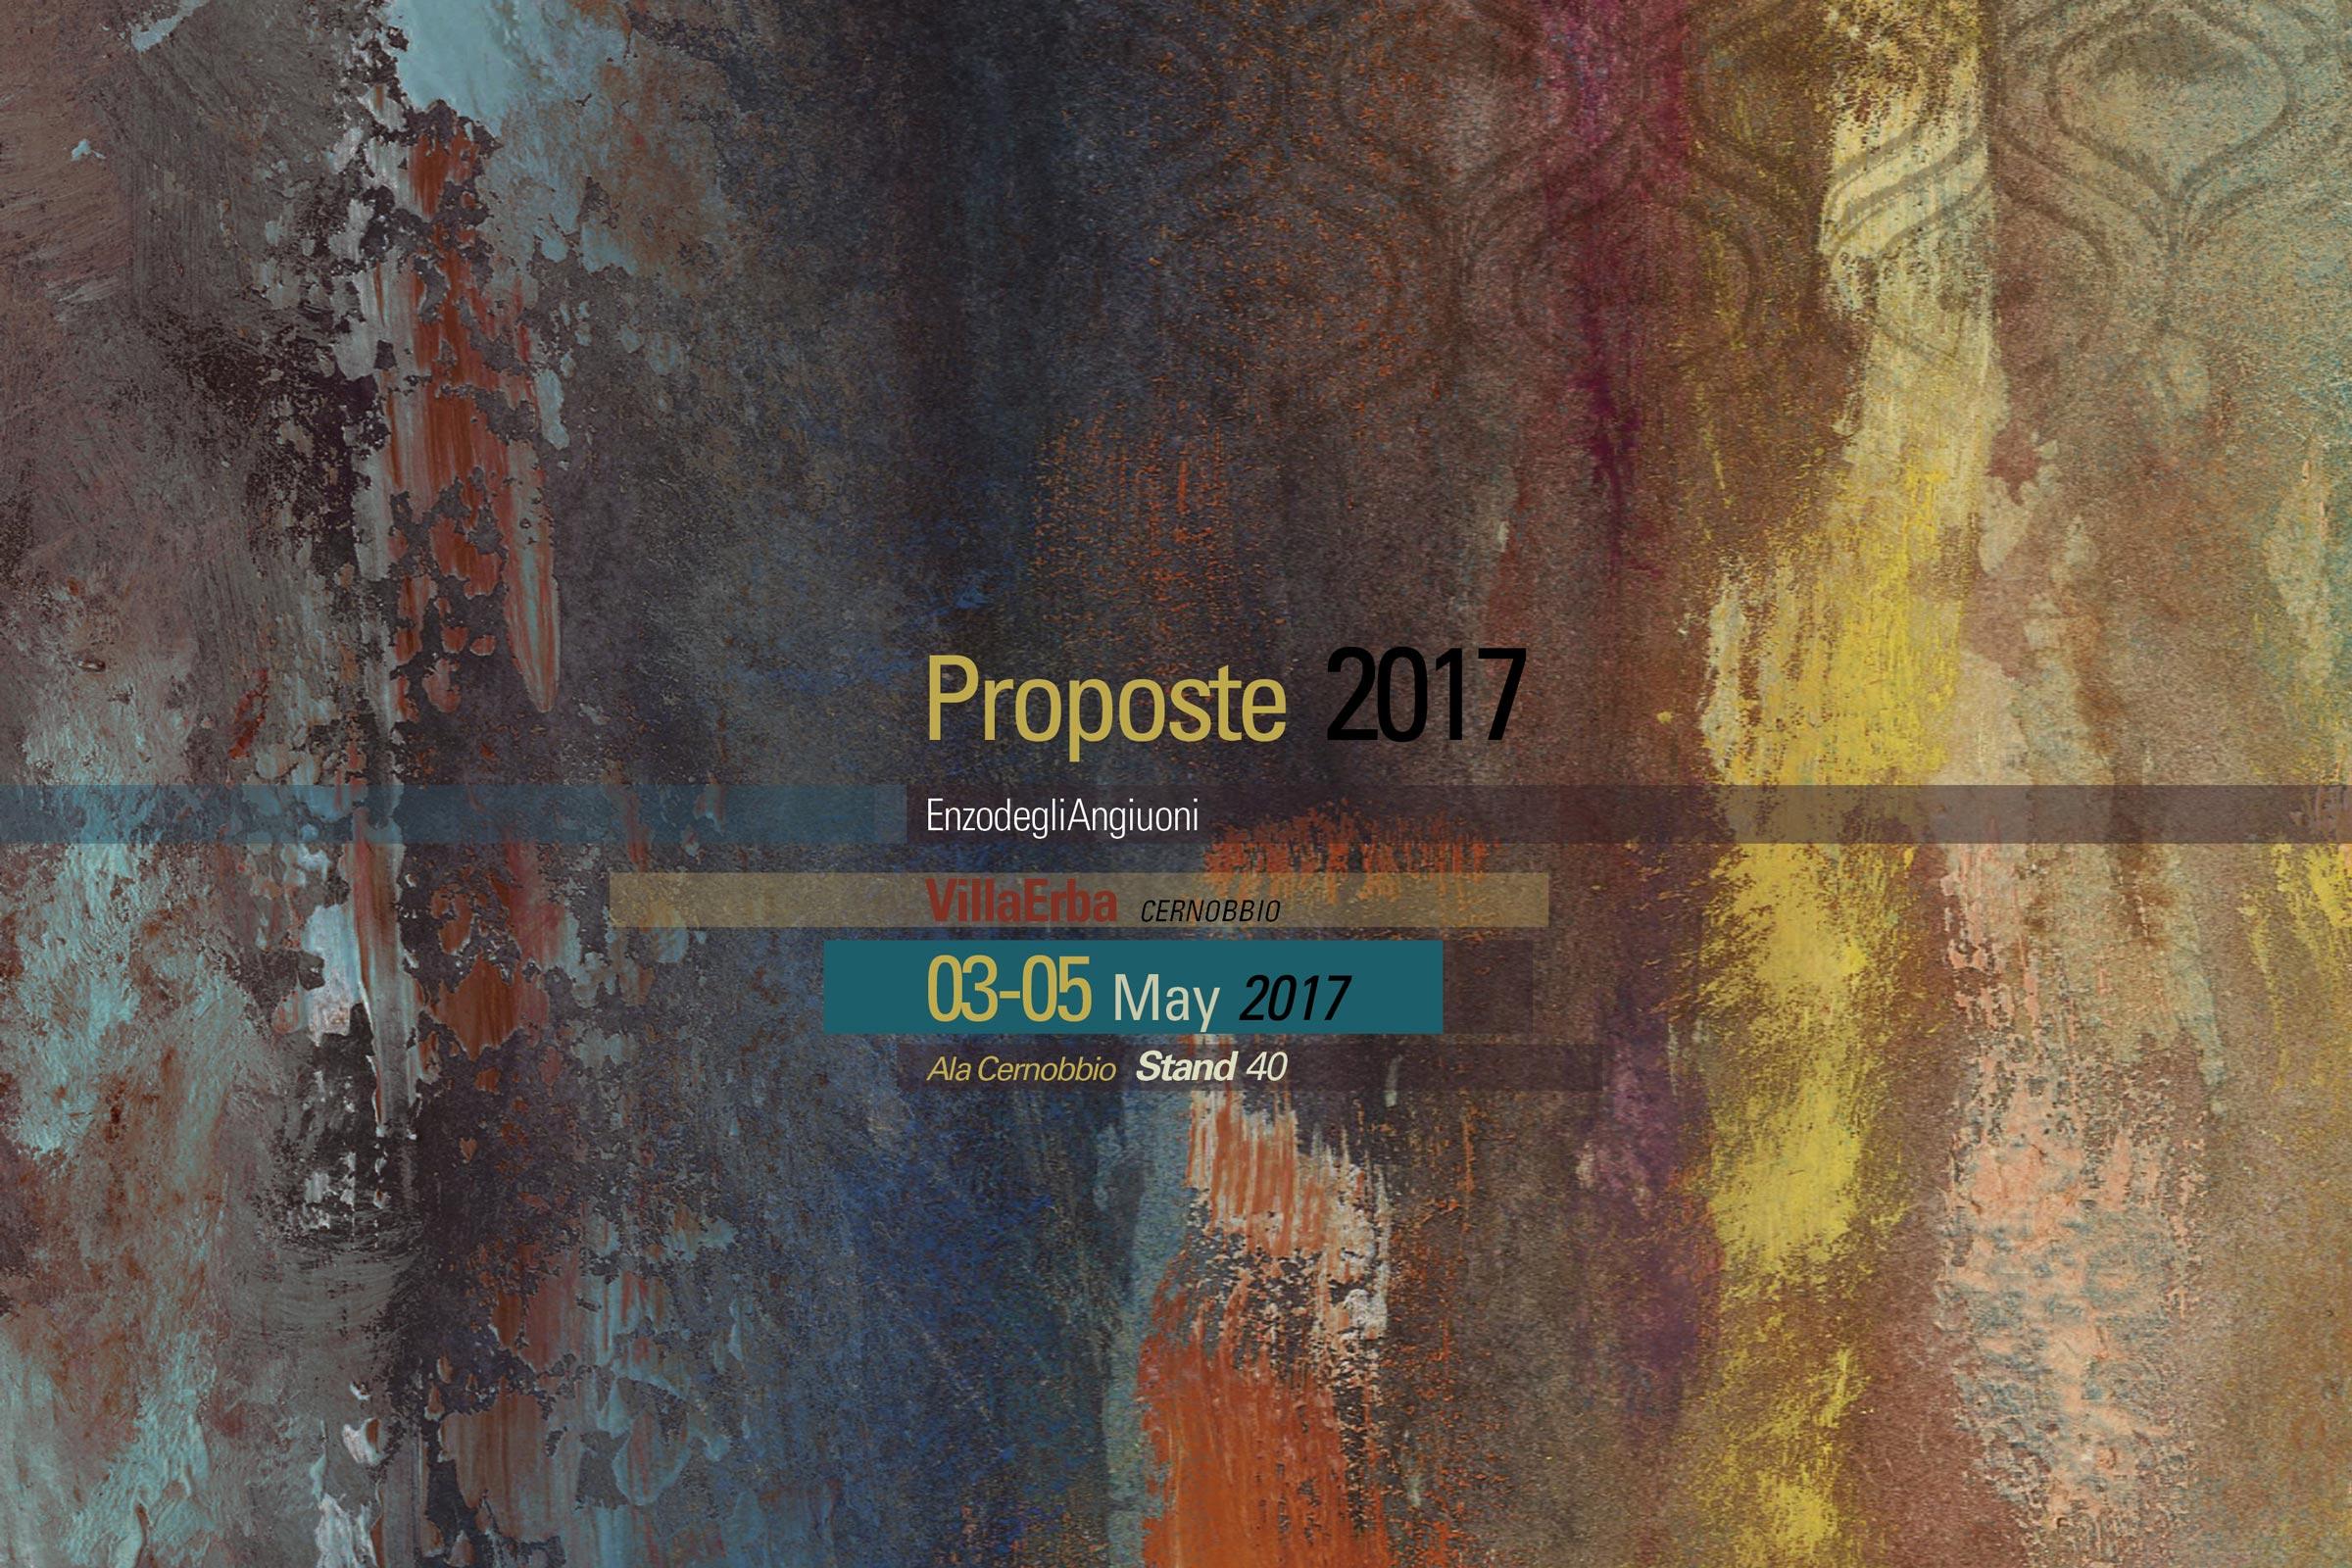 enzodegliangiuoni-proposte-2017-savethedate-px2400x1600